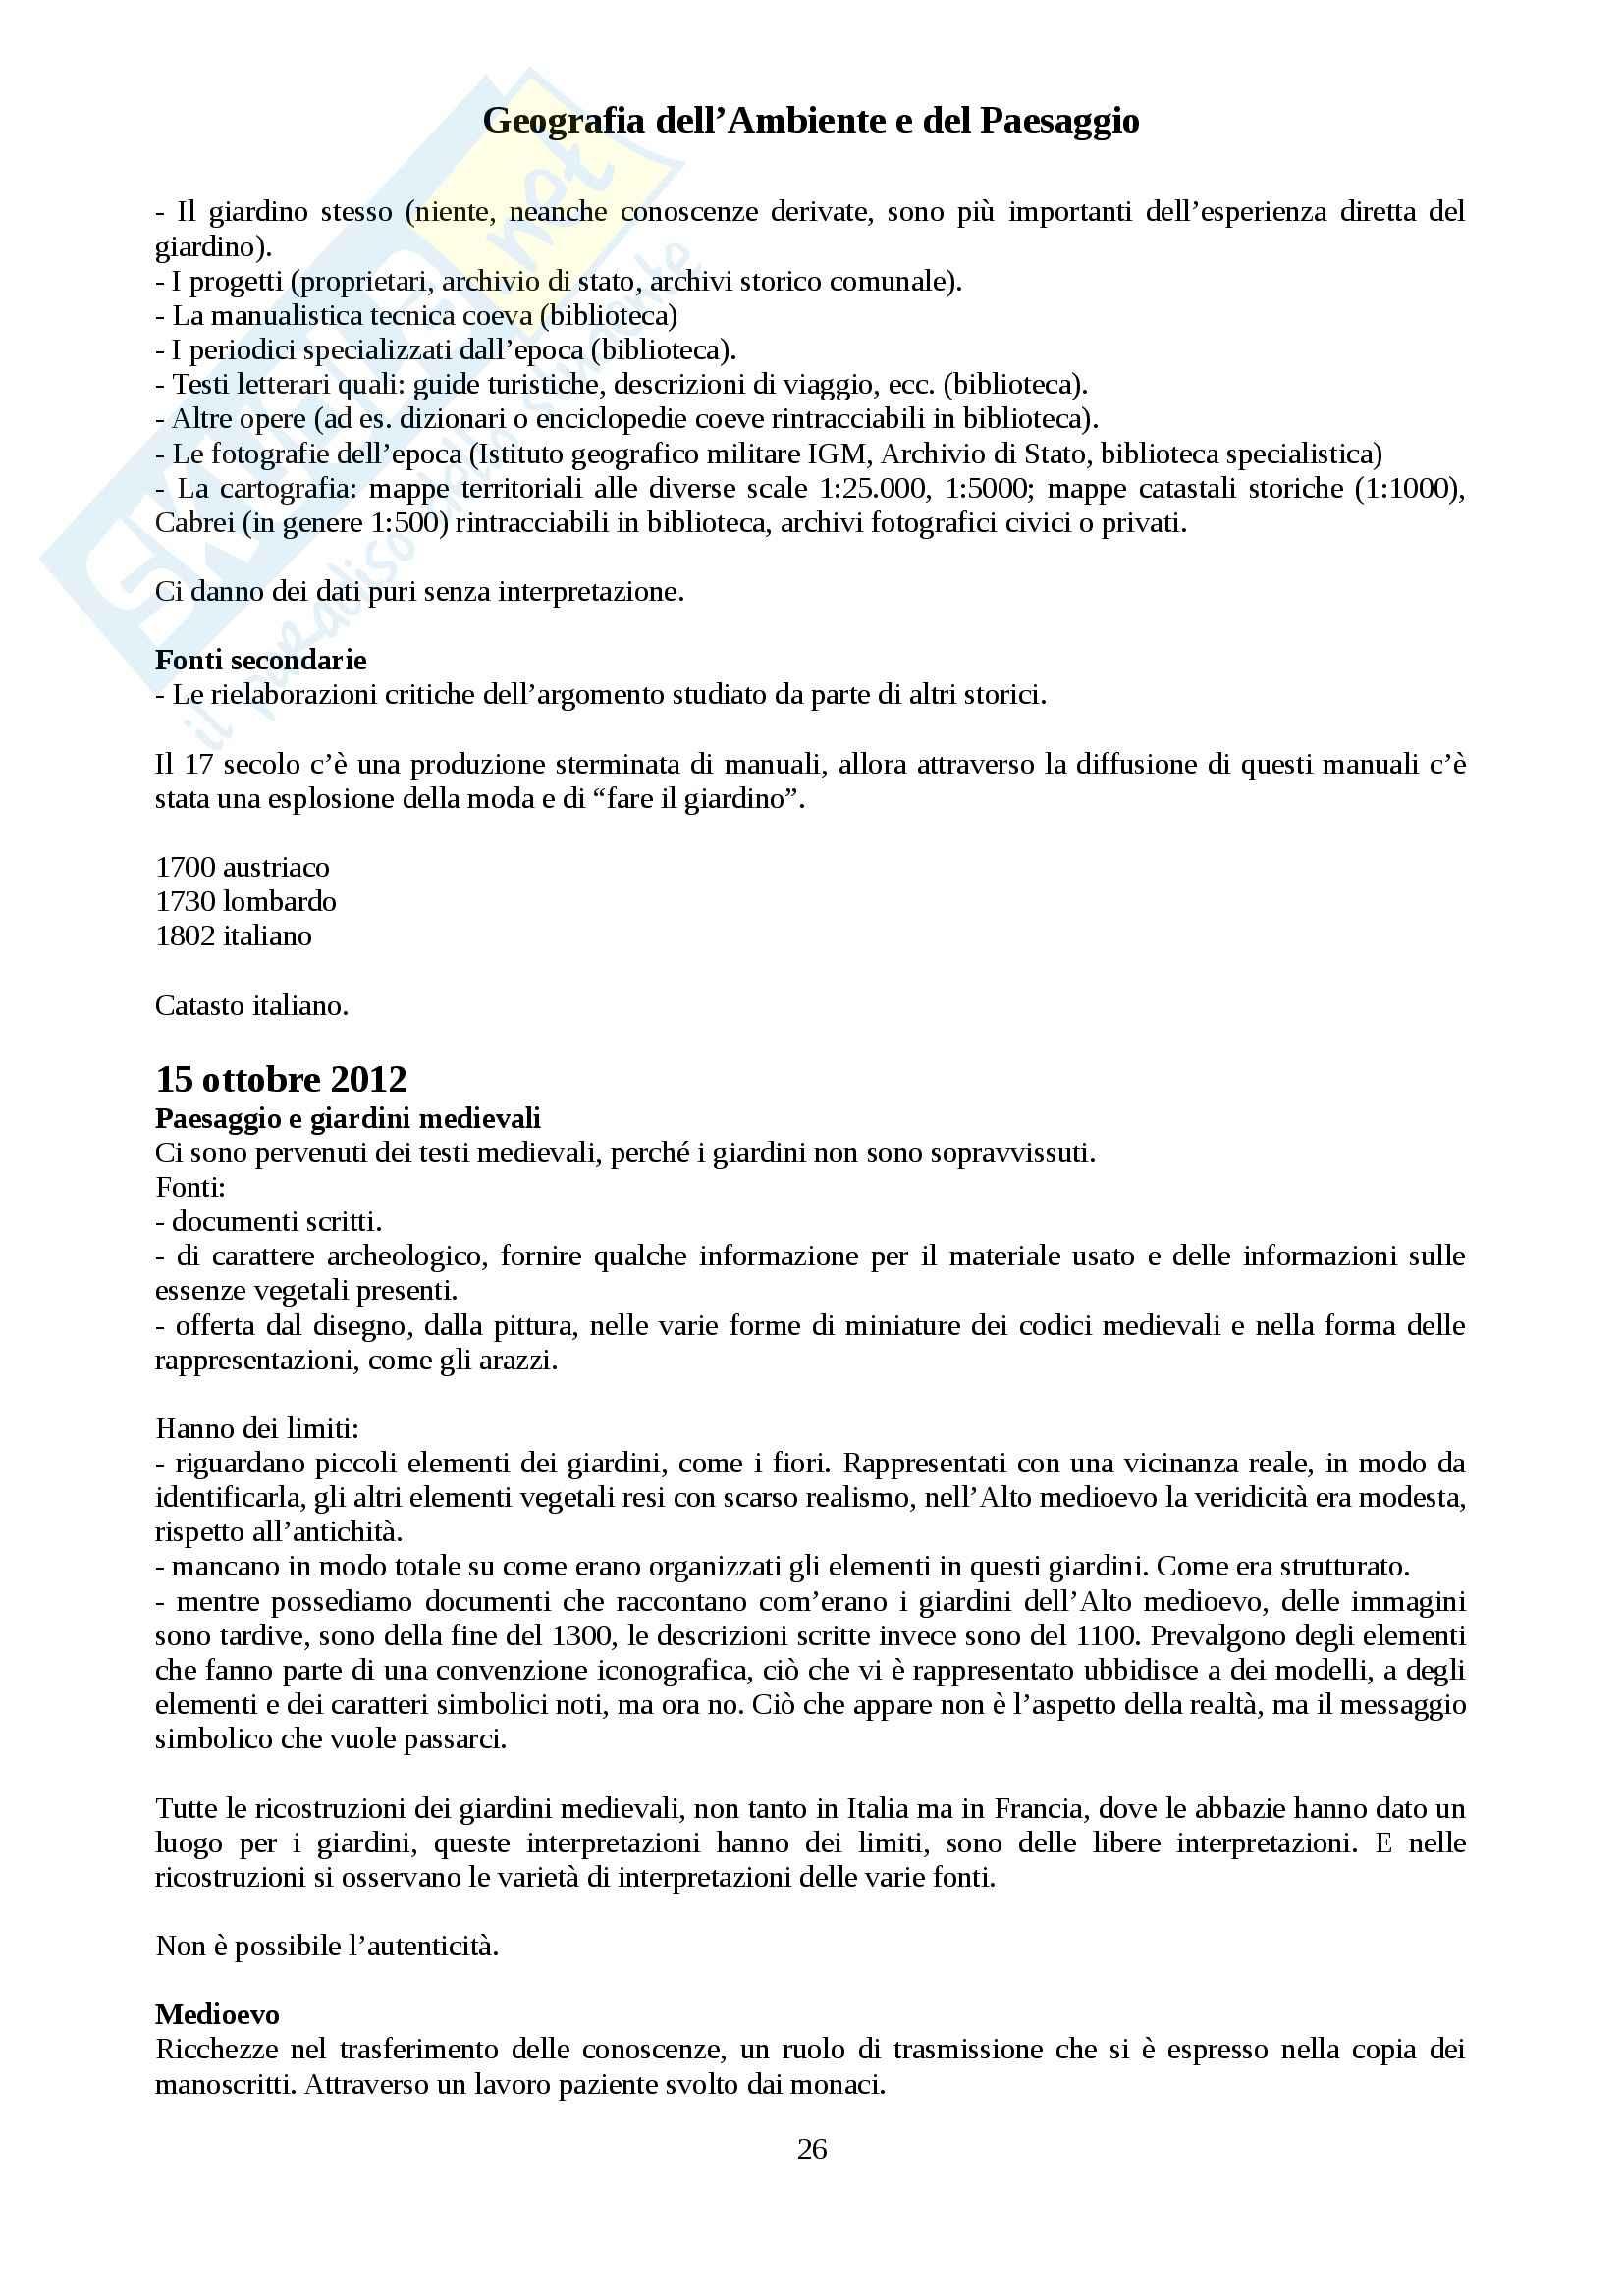 Geografia dell'Ambiente e del Paesaggio - Appunti Pag. 26